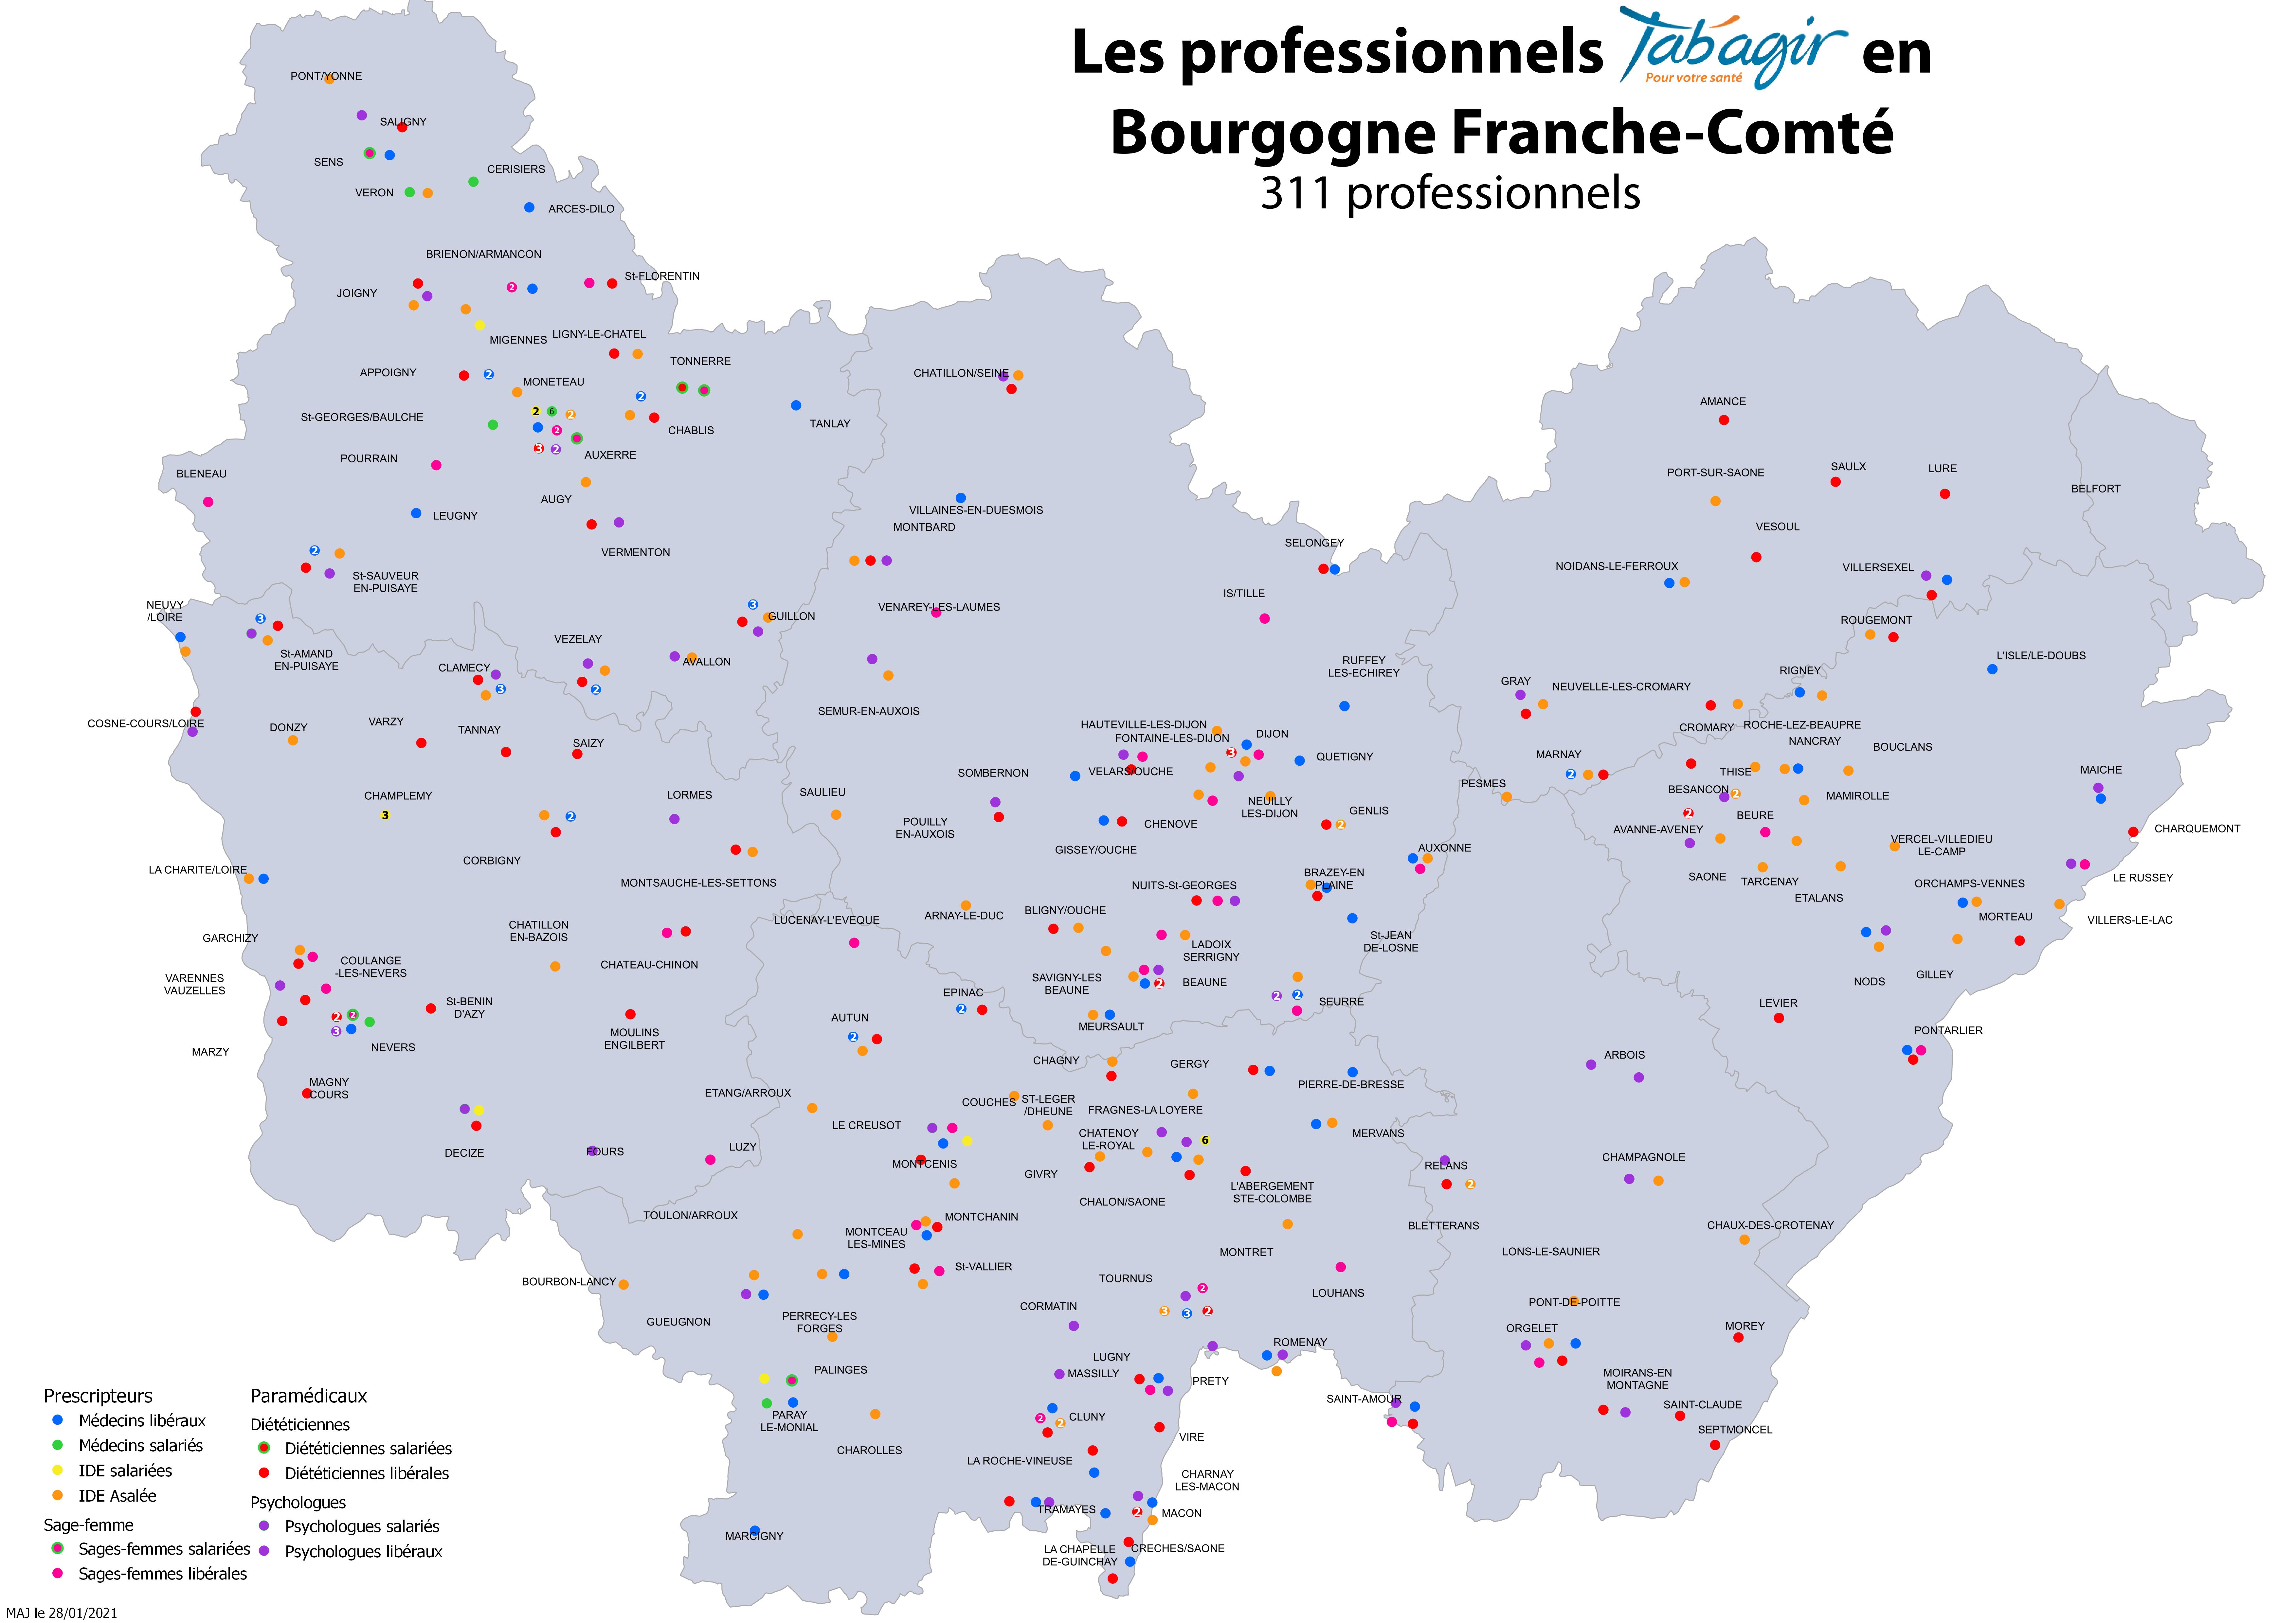 Cartographie Bourgogne Franche-Comté